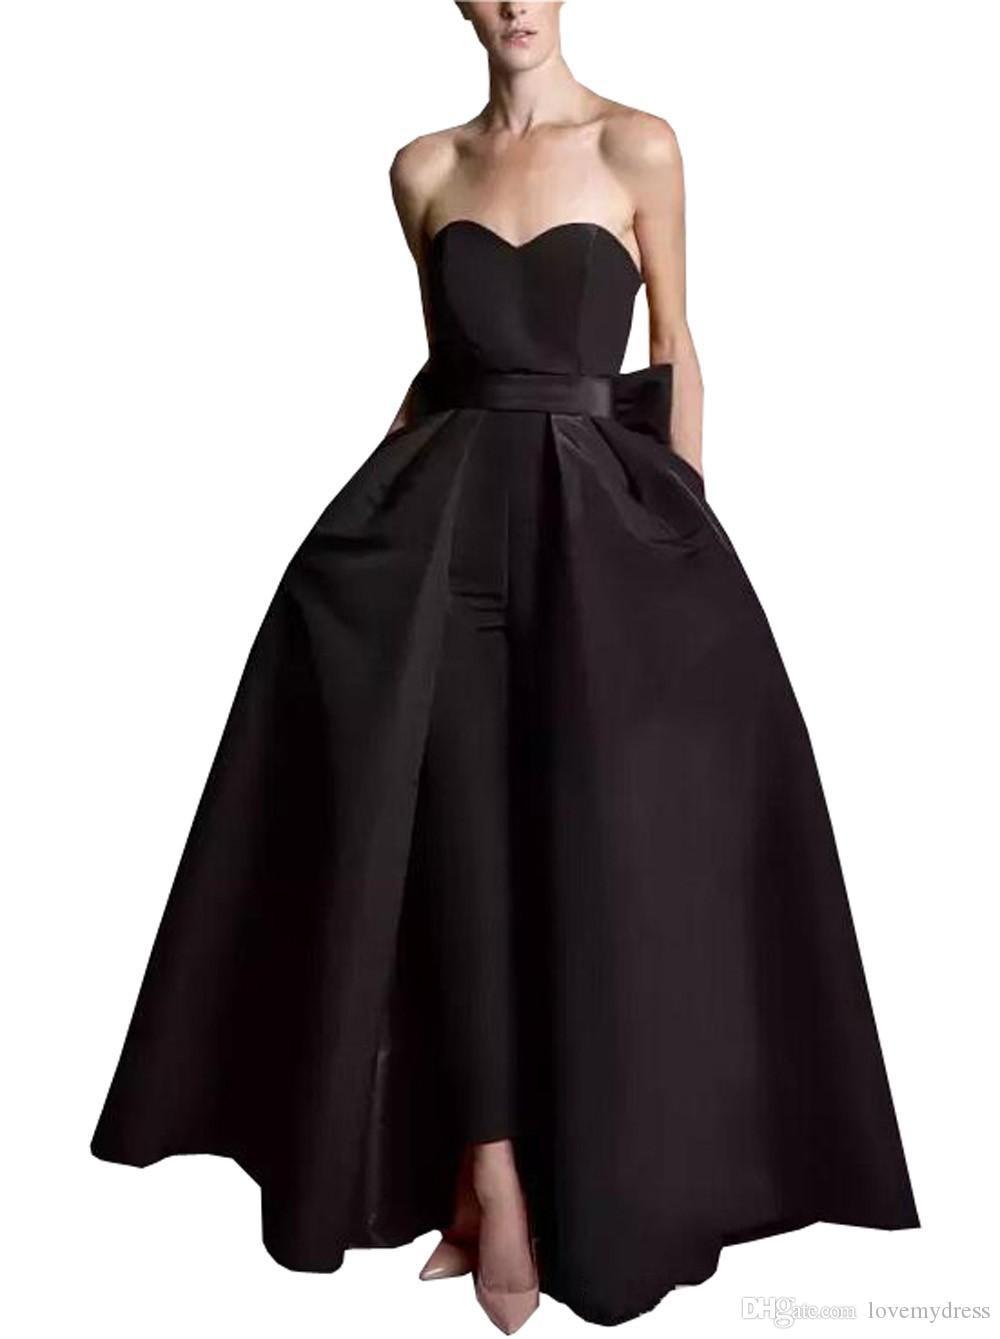 Abend Einzigartig Schwarzes Kleid Größe 50 Vertrieb17 Schön Schwarzes Kleid Größe 50 Spezialgebiet